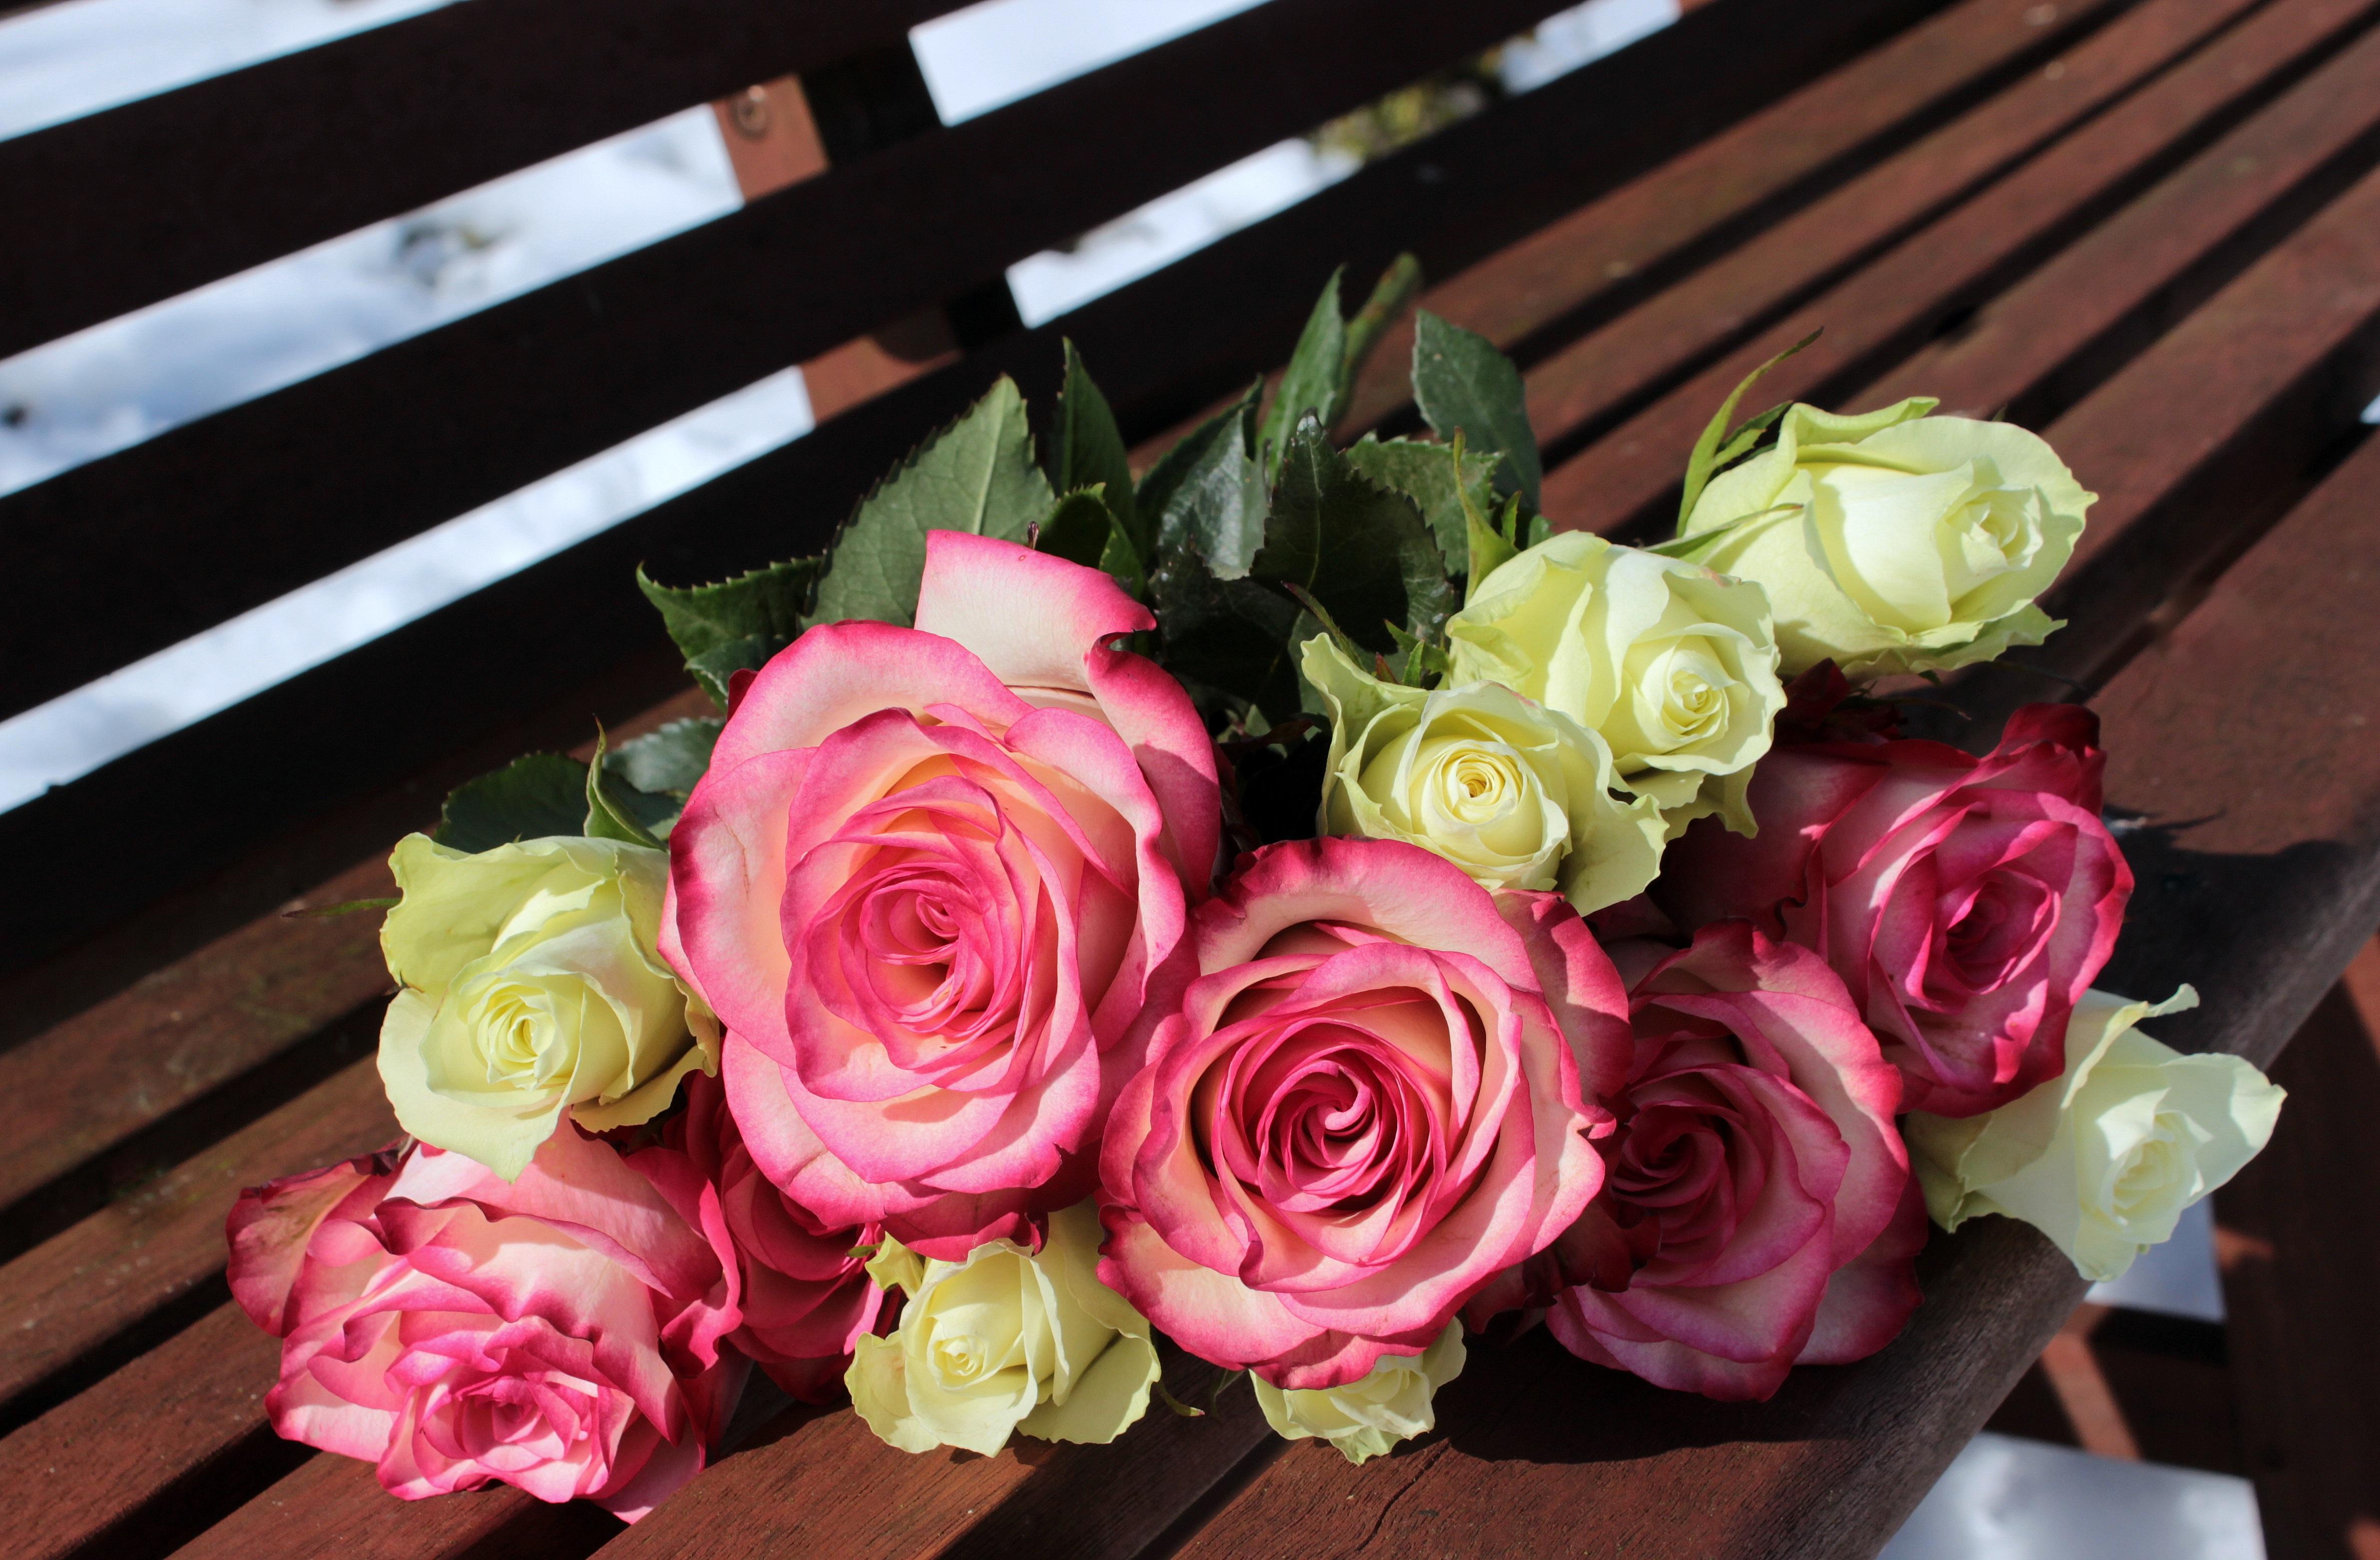 114419 скачать обои Цветы, Букет, Скамейка, Бутоны, Розы - заставки и картинки бесплатно